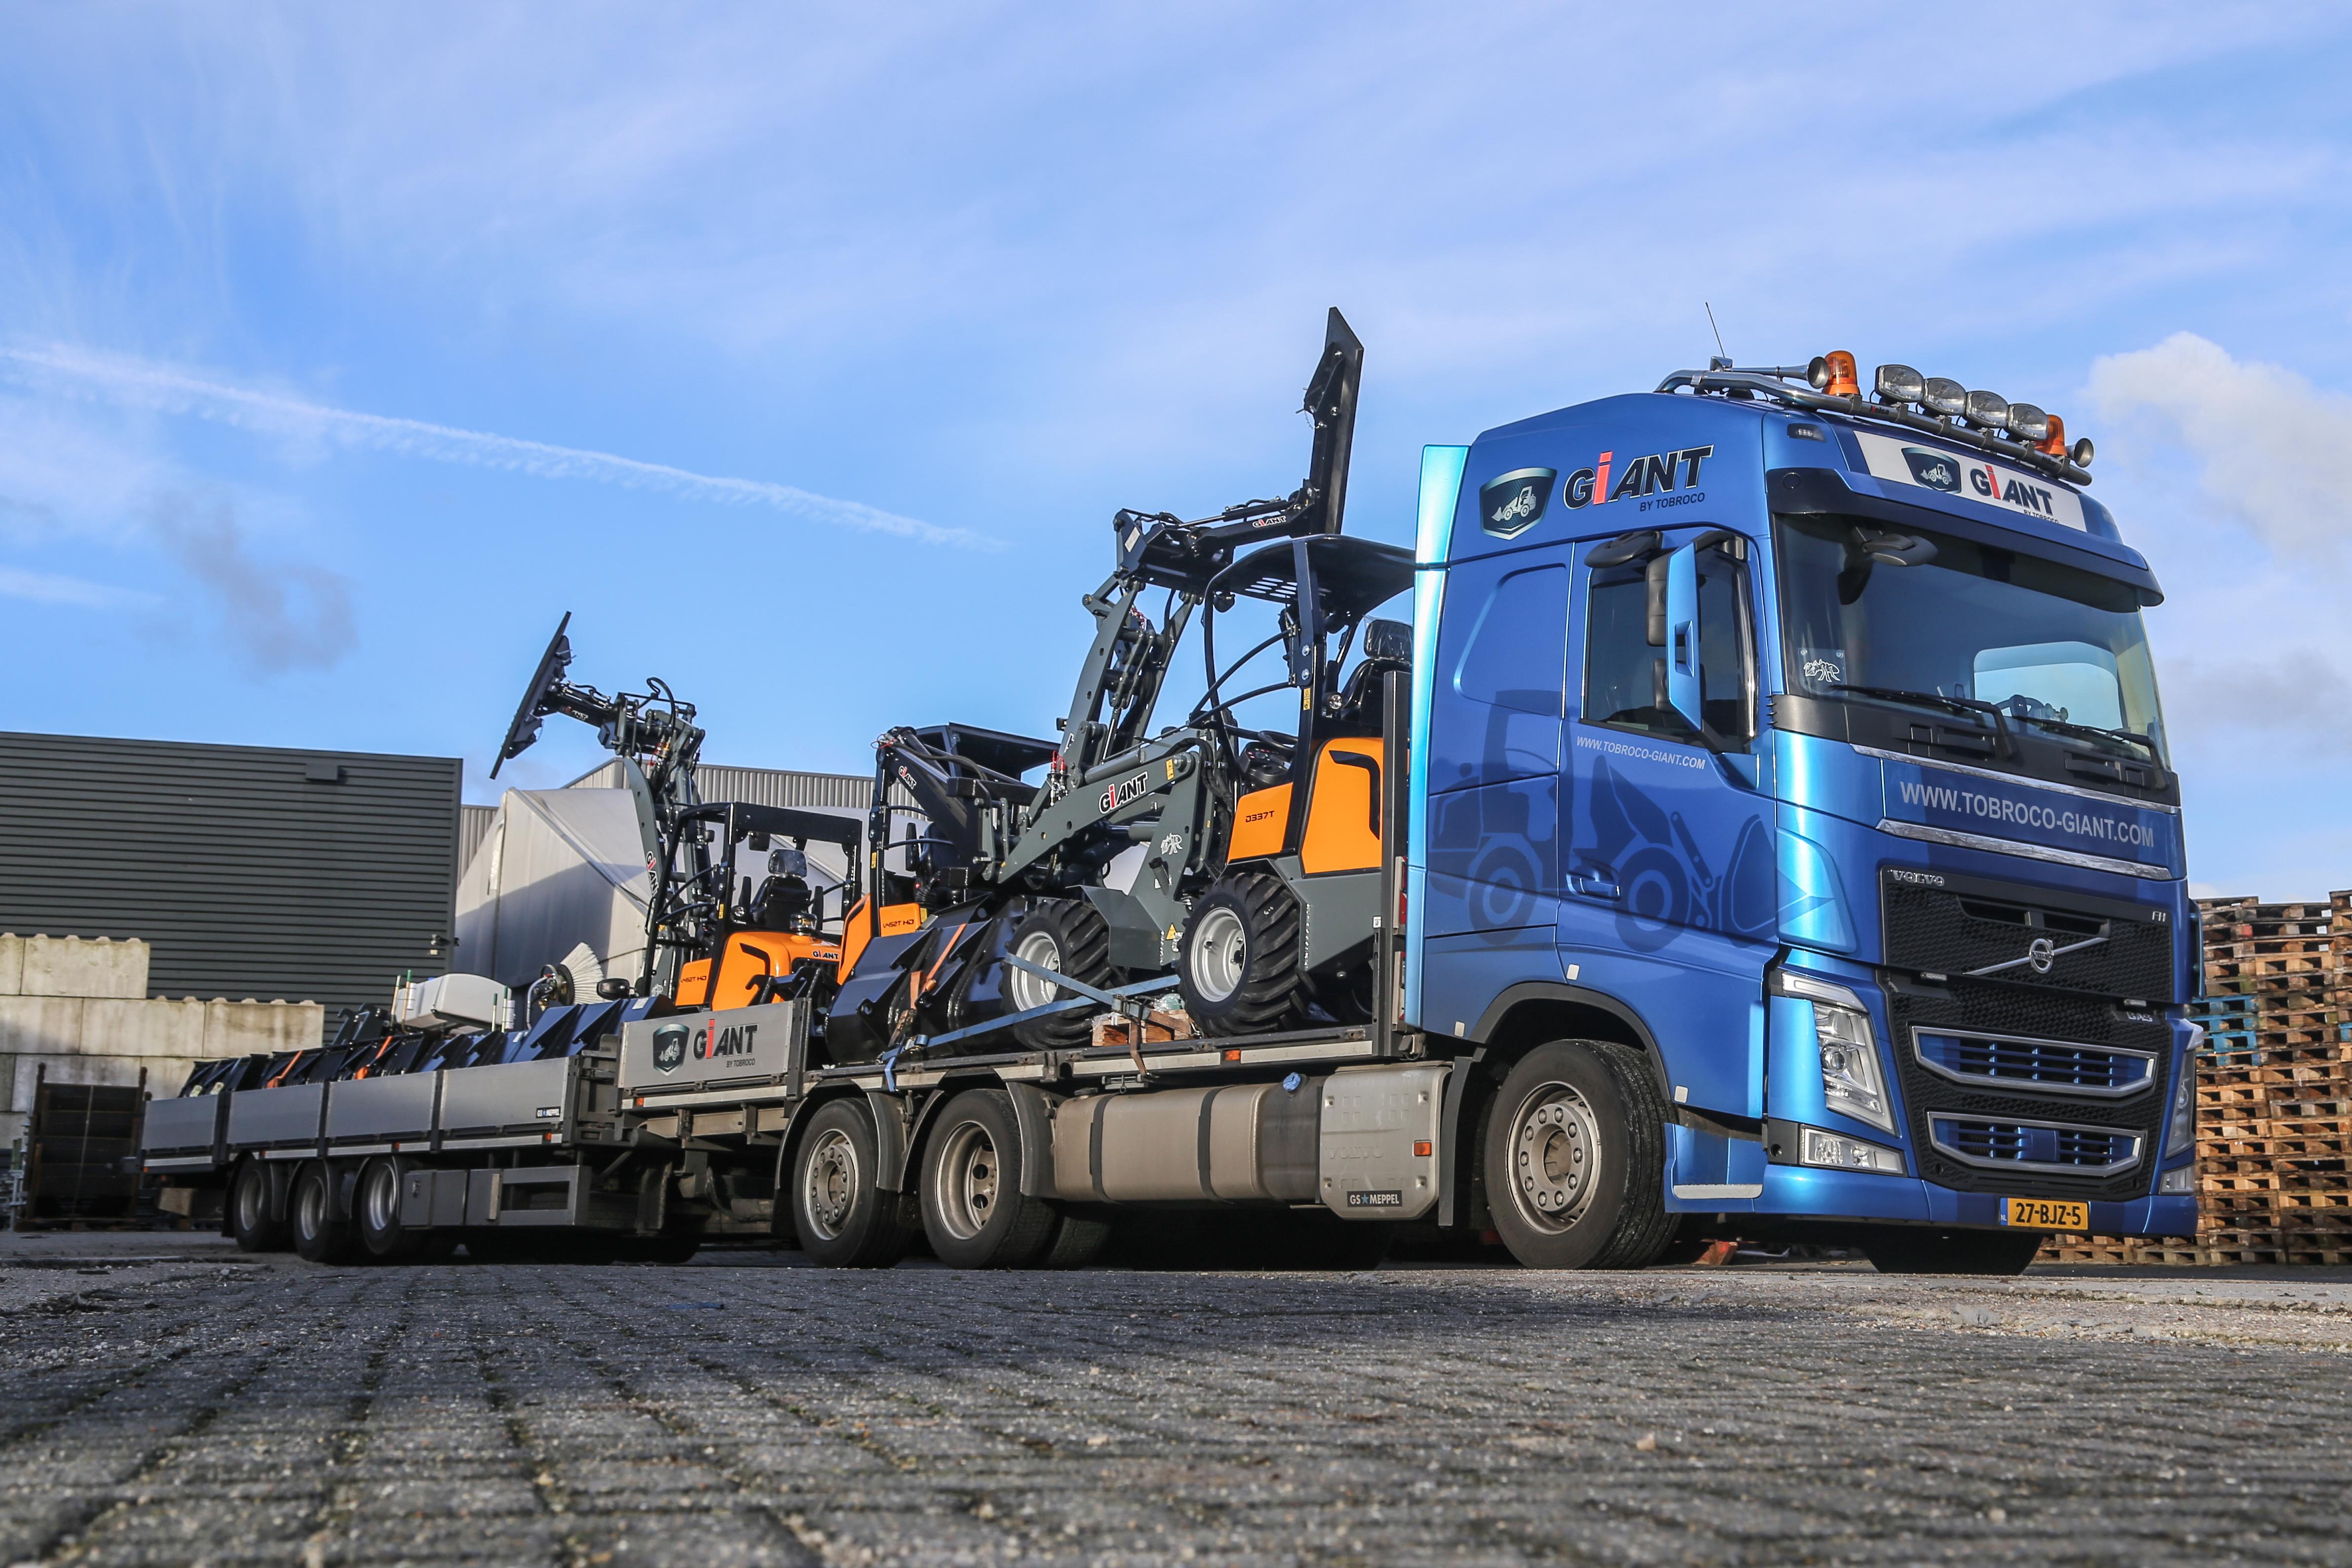 <p>Giant bouwt in het Brabantse Oisterwijk. De fabrikant is de laatste jaren exponentieel gegroeid. Momenteel gaan er dagelijks 15 nieuwe compacte wielladers naar klanten. </p>